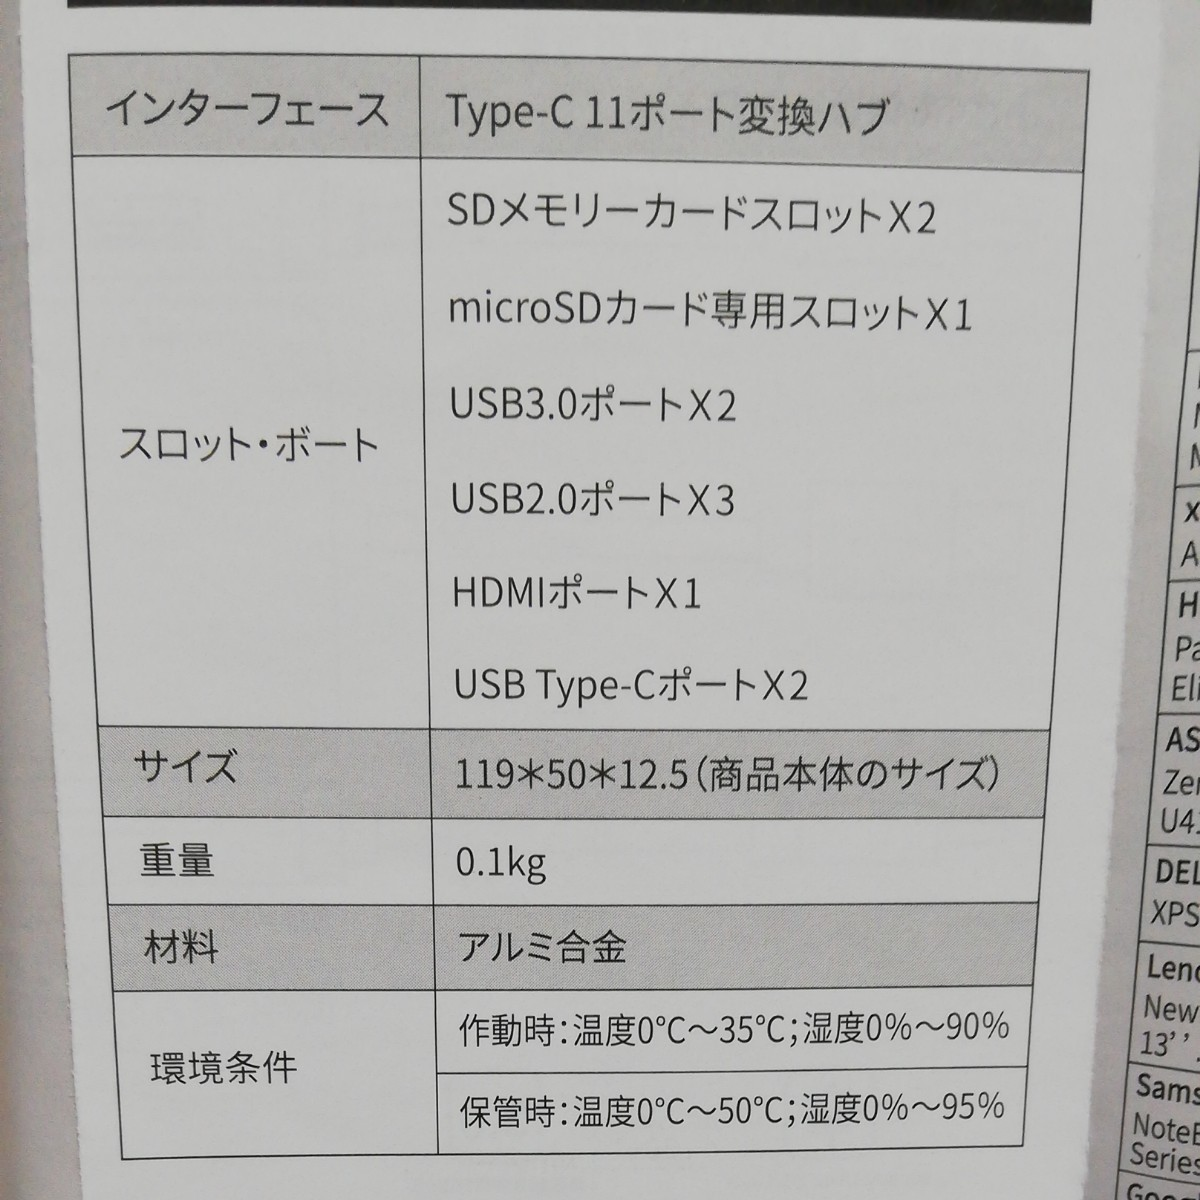 TYPE-C 変換ハブ